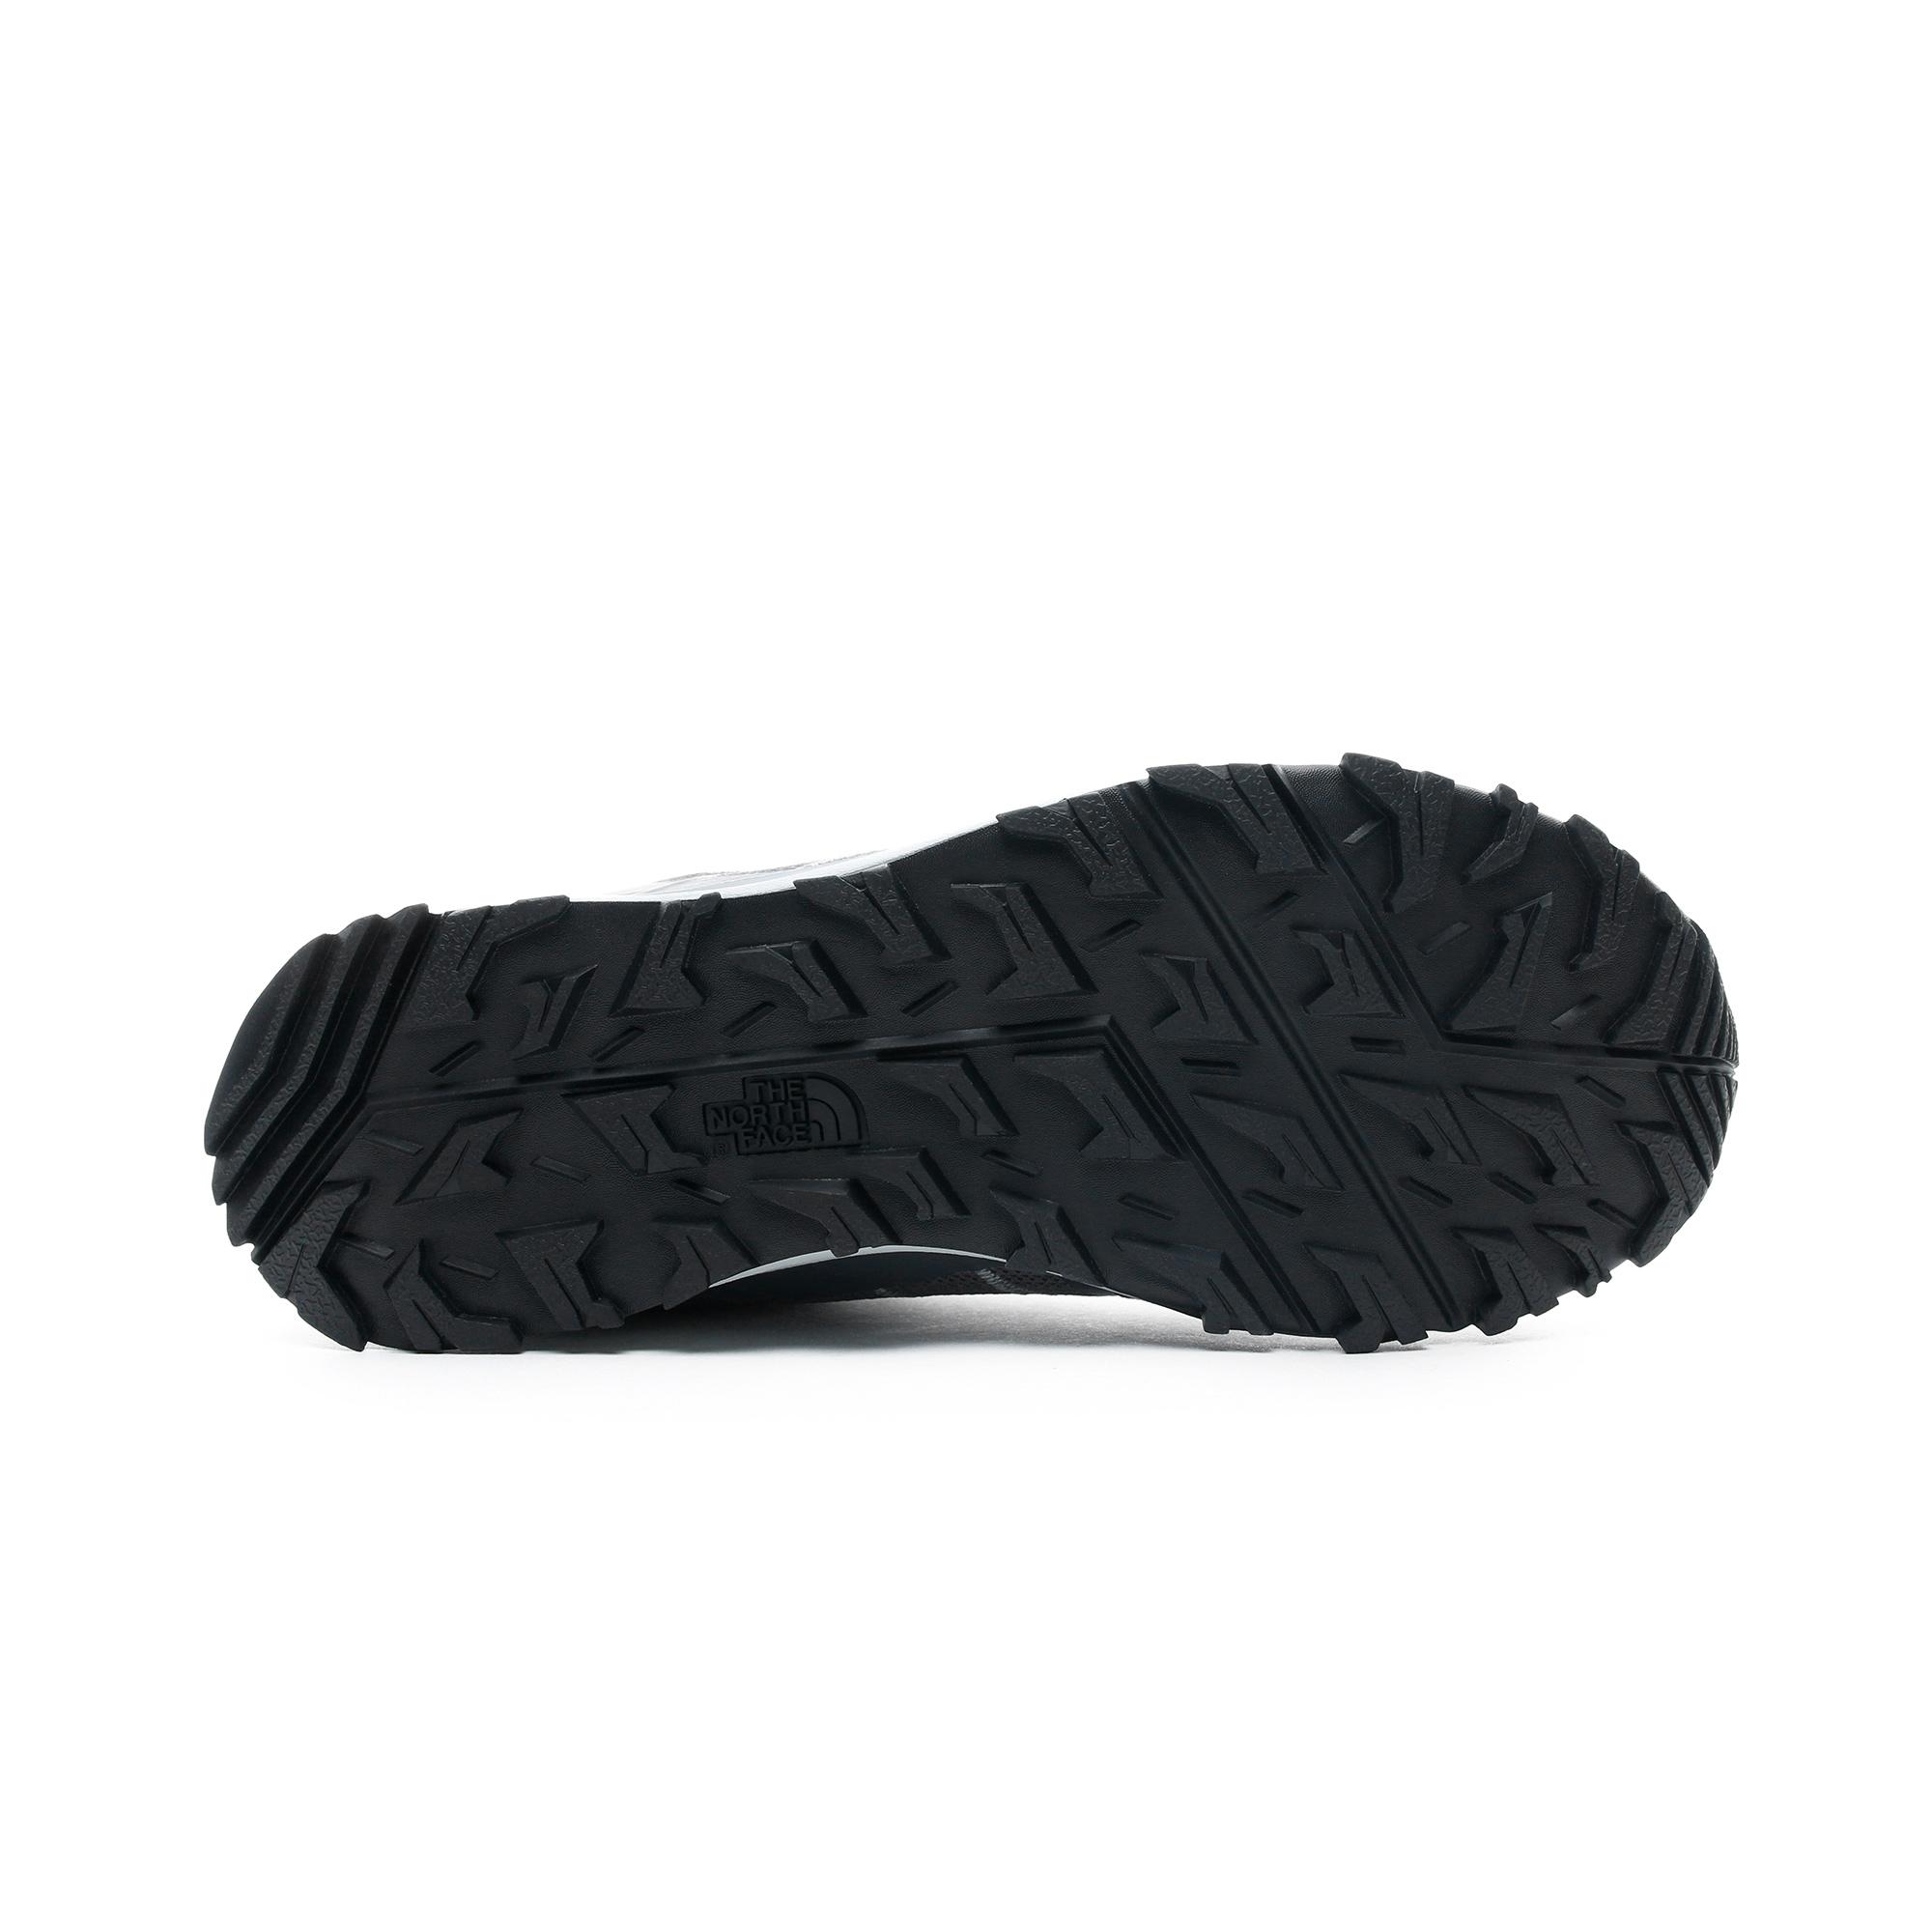 The North Face Erkek Litewave Fastpack II Gore-Tex® Gri Doğa Yürüyüşü Ayakkabısı